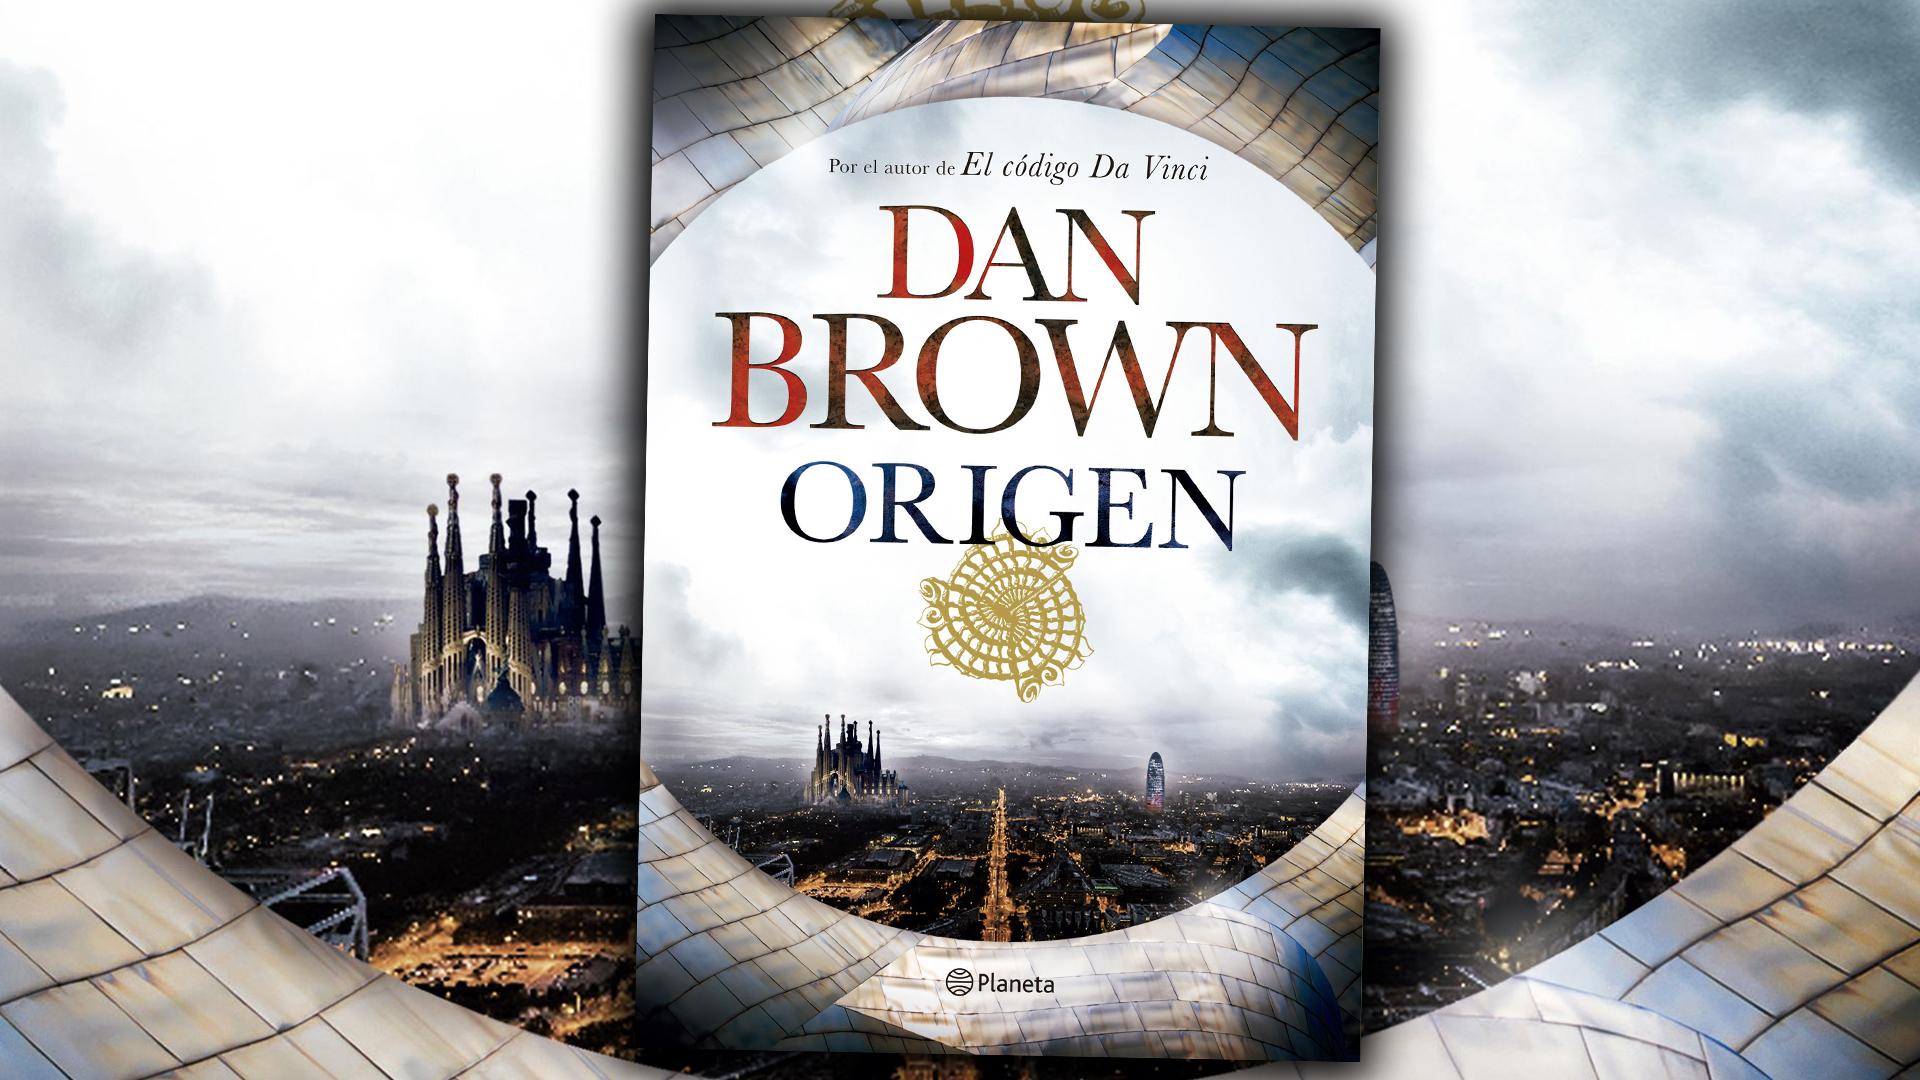 Descargar epub gratis del Autor Dan Brown - espaebook